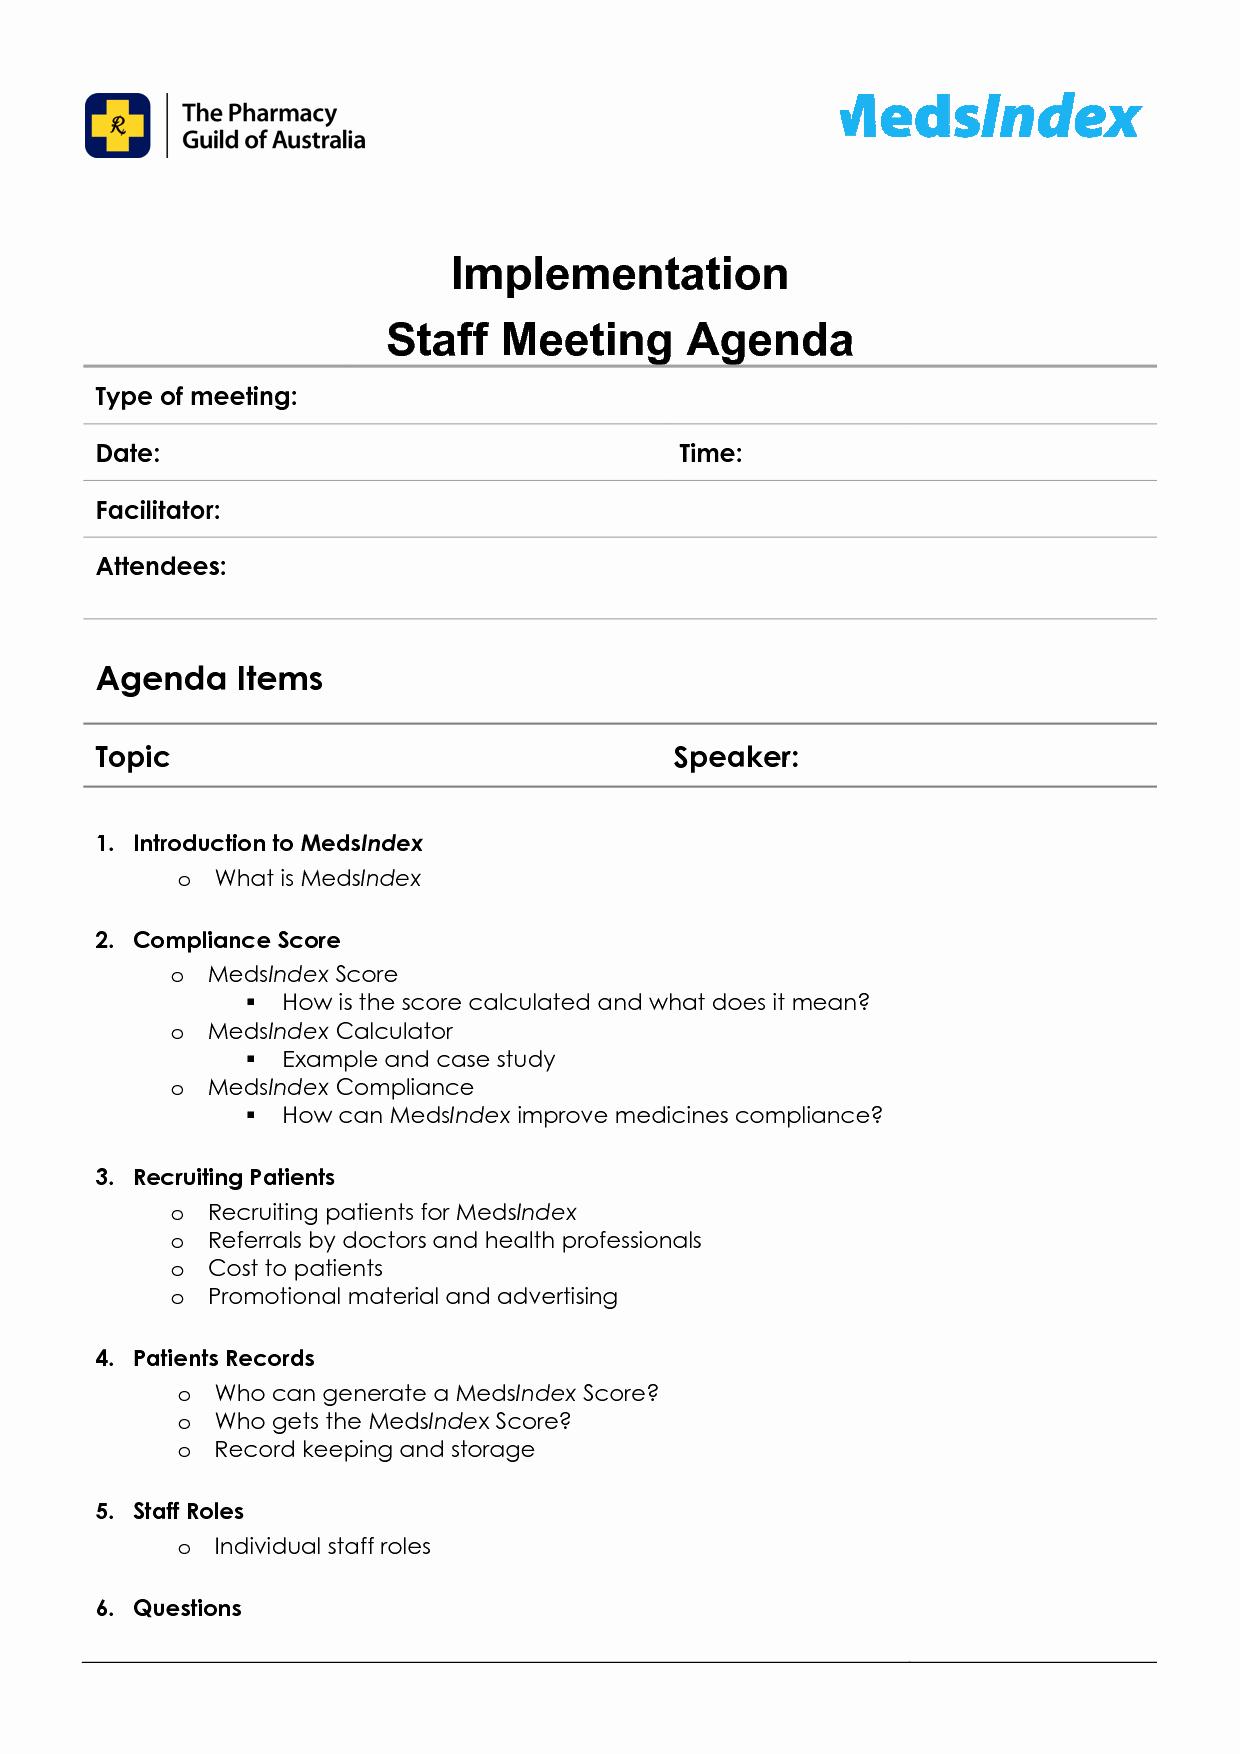 Sample Staff Meeting Agenda Template Unique Best S Staff Meeting Agenda Template Sample